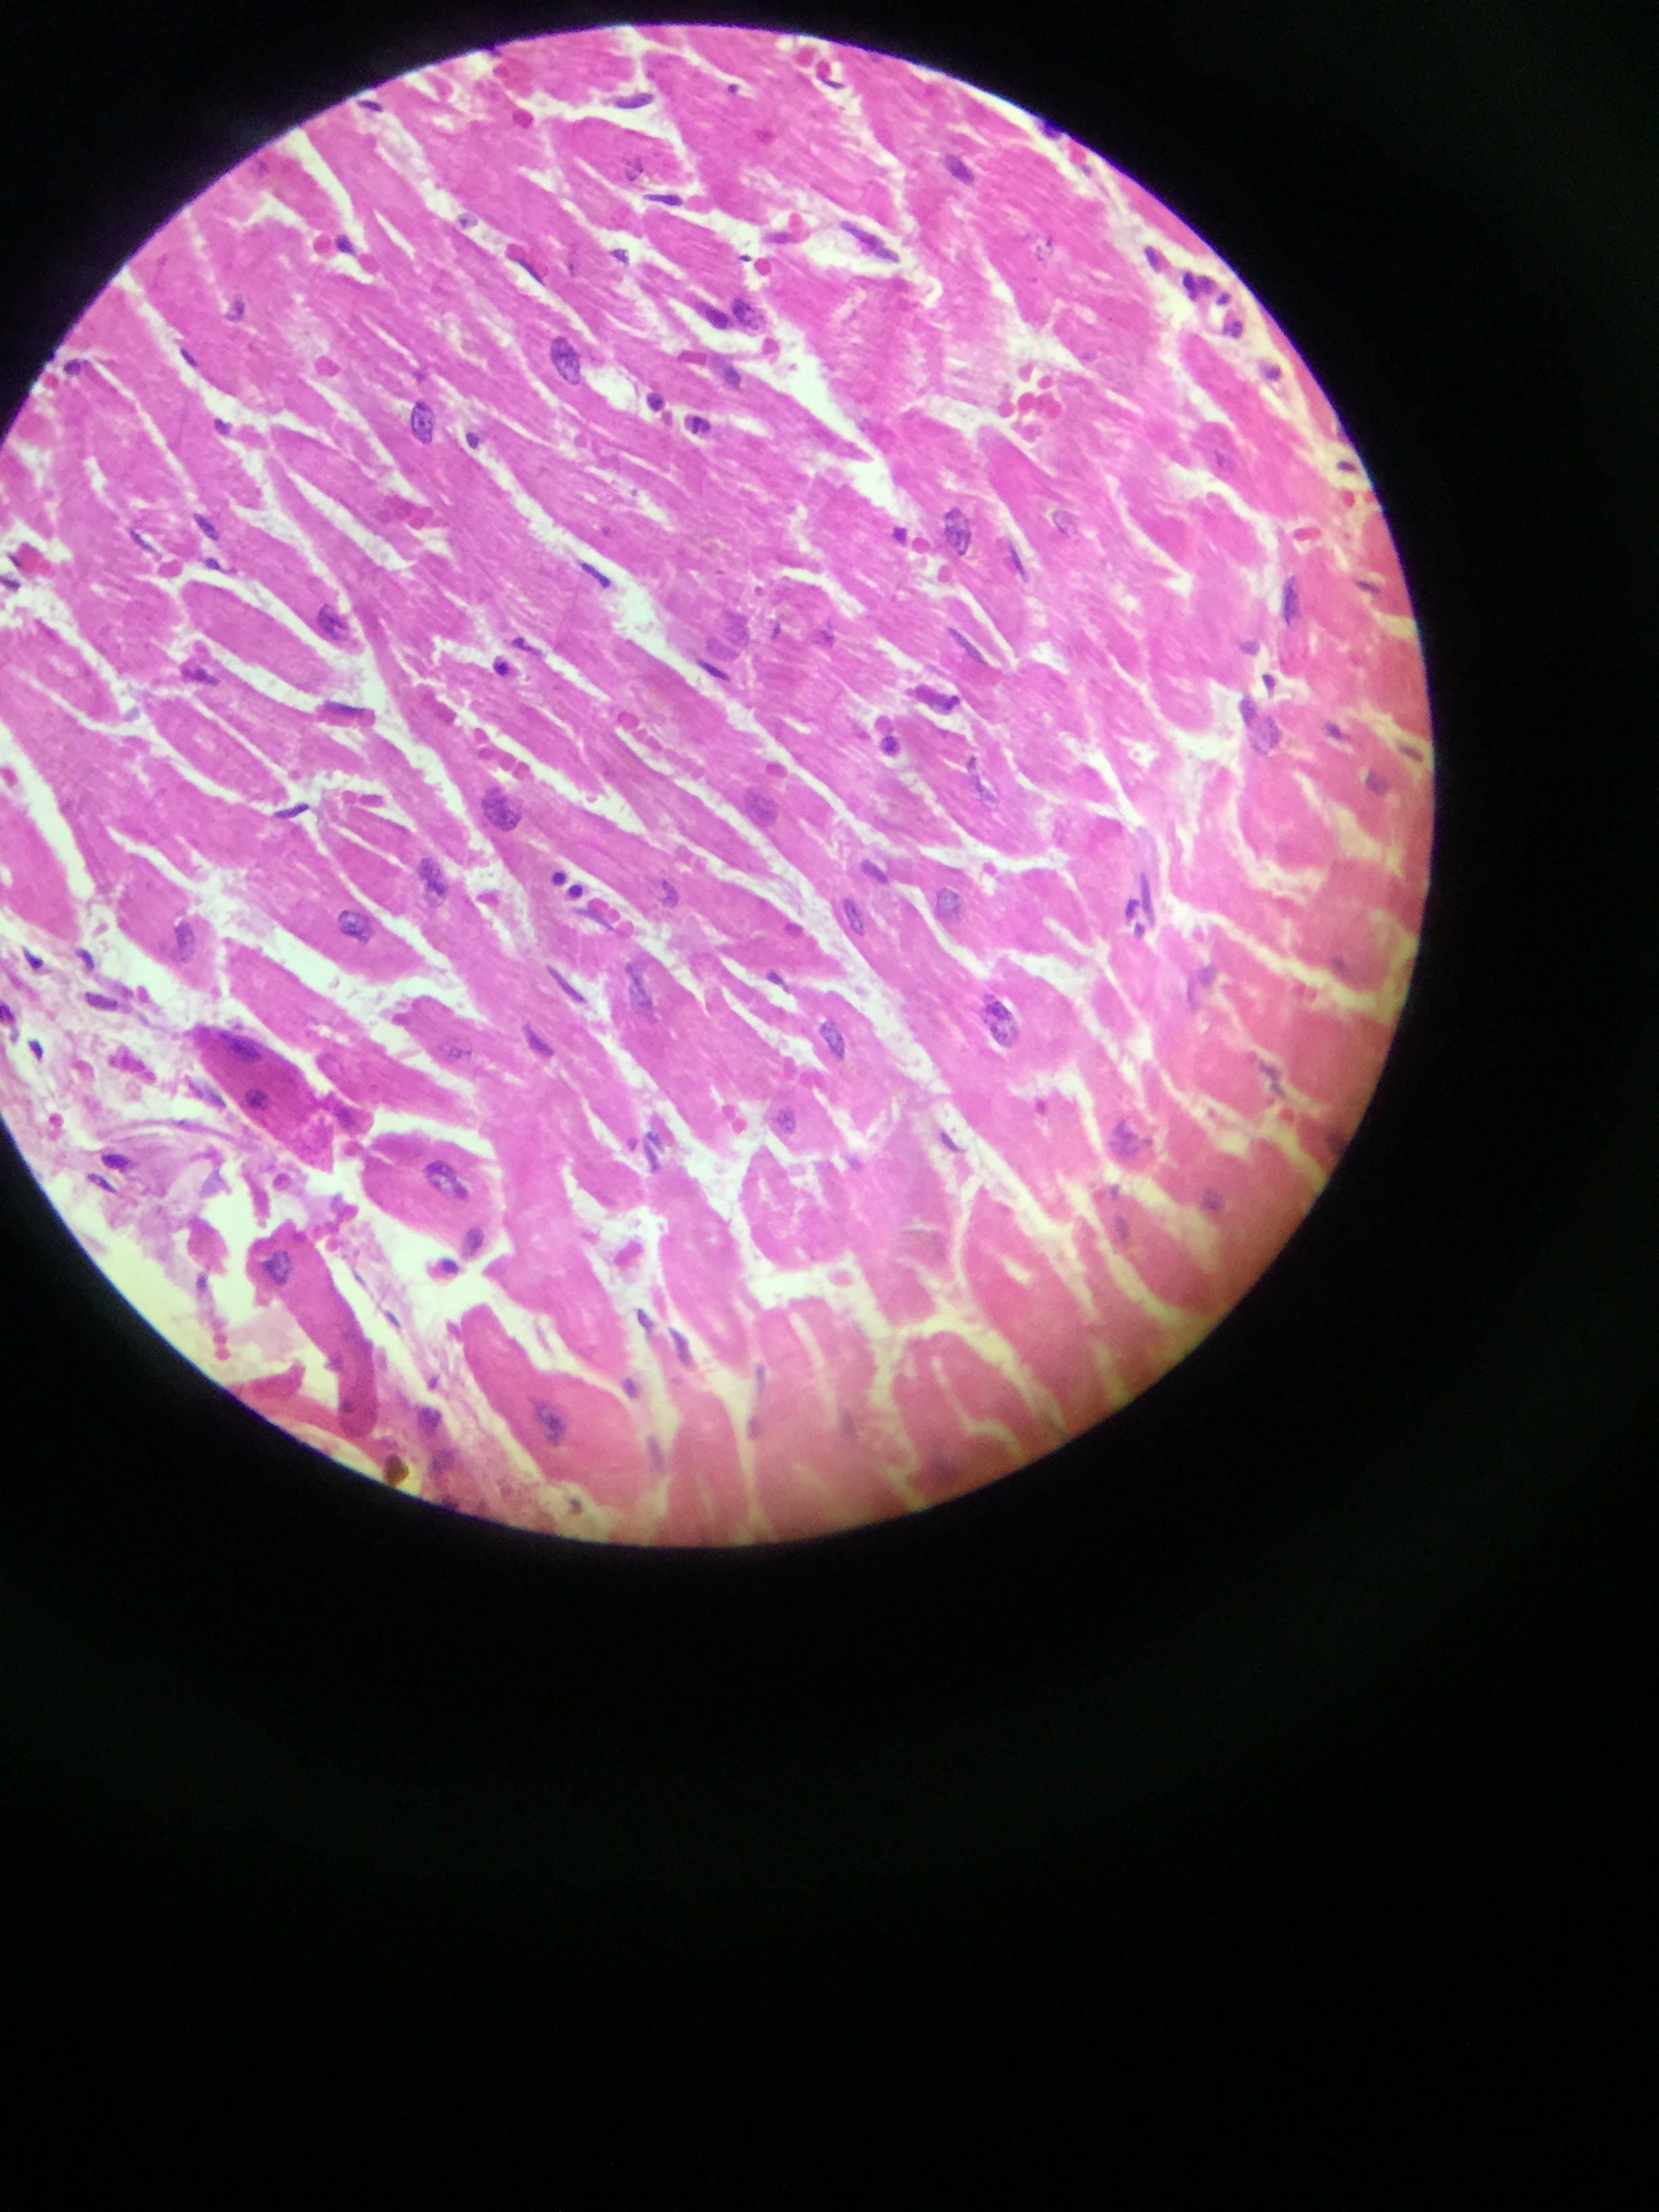 TEJIDO MUSCULAR fibras musculares y vasos sanguineos con eritrocitos ...